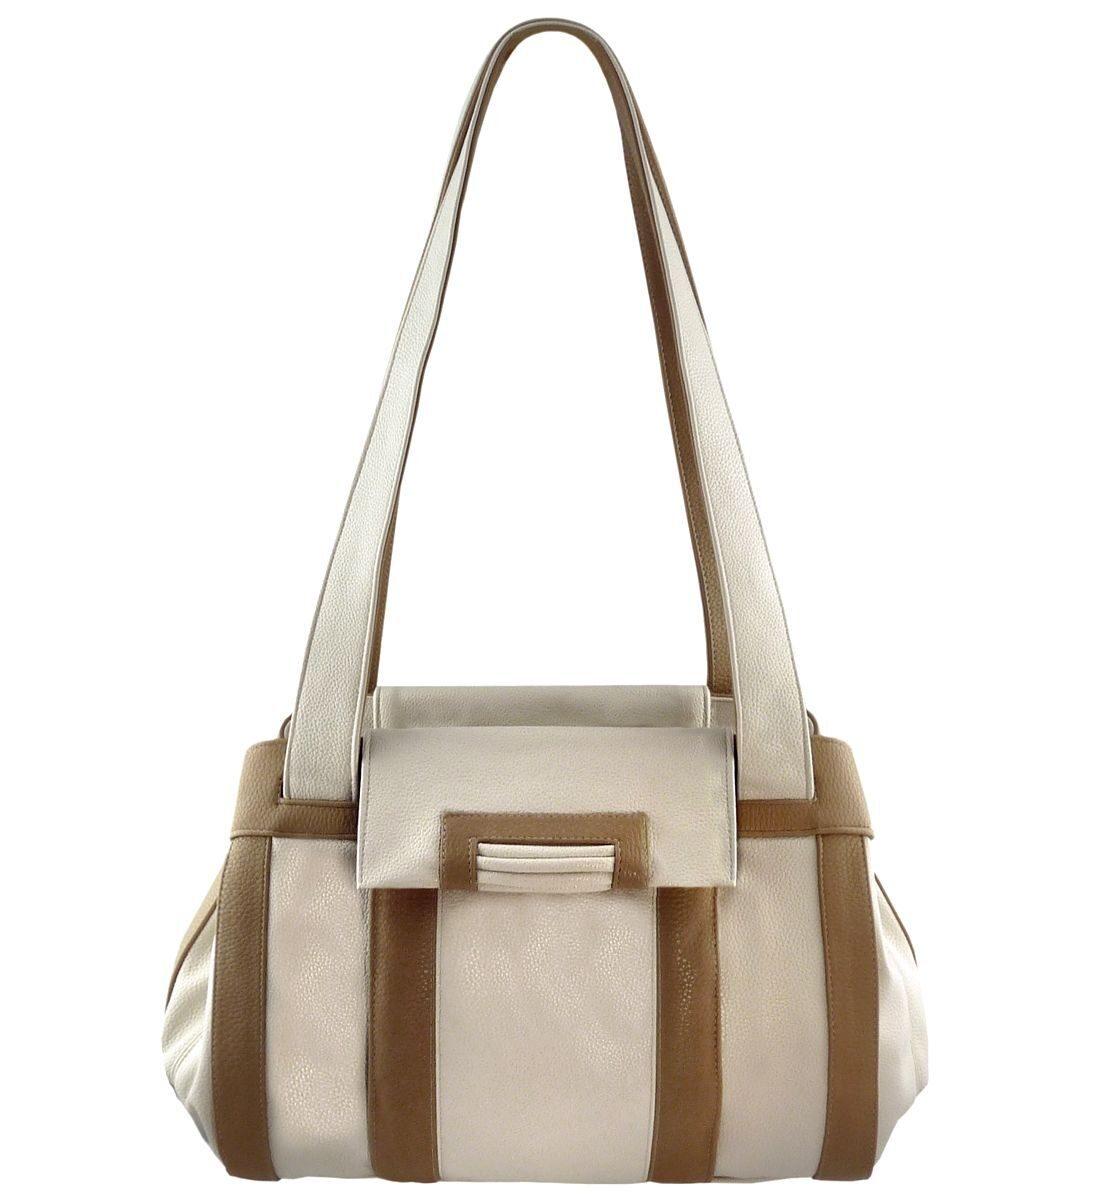 Женская сумка оливия имеет размер